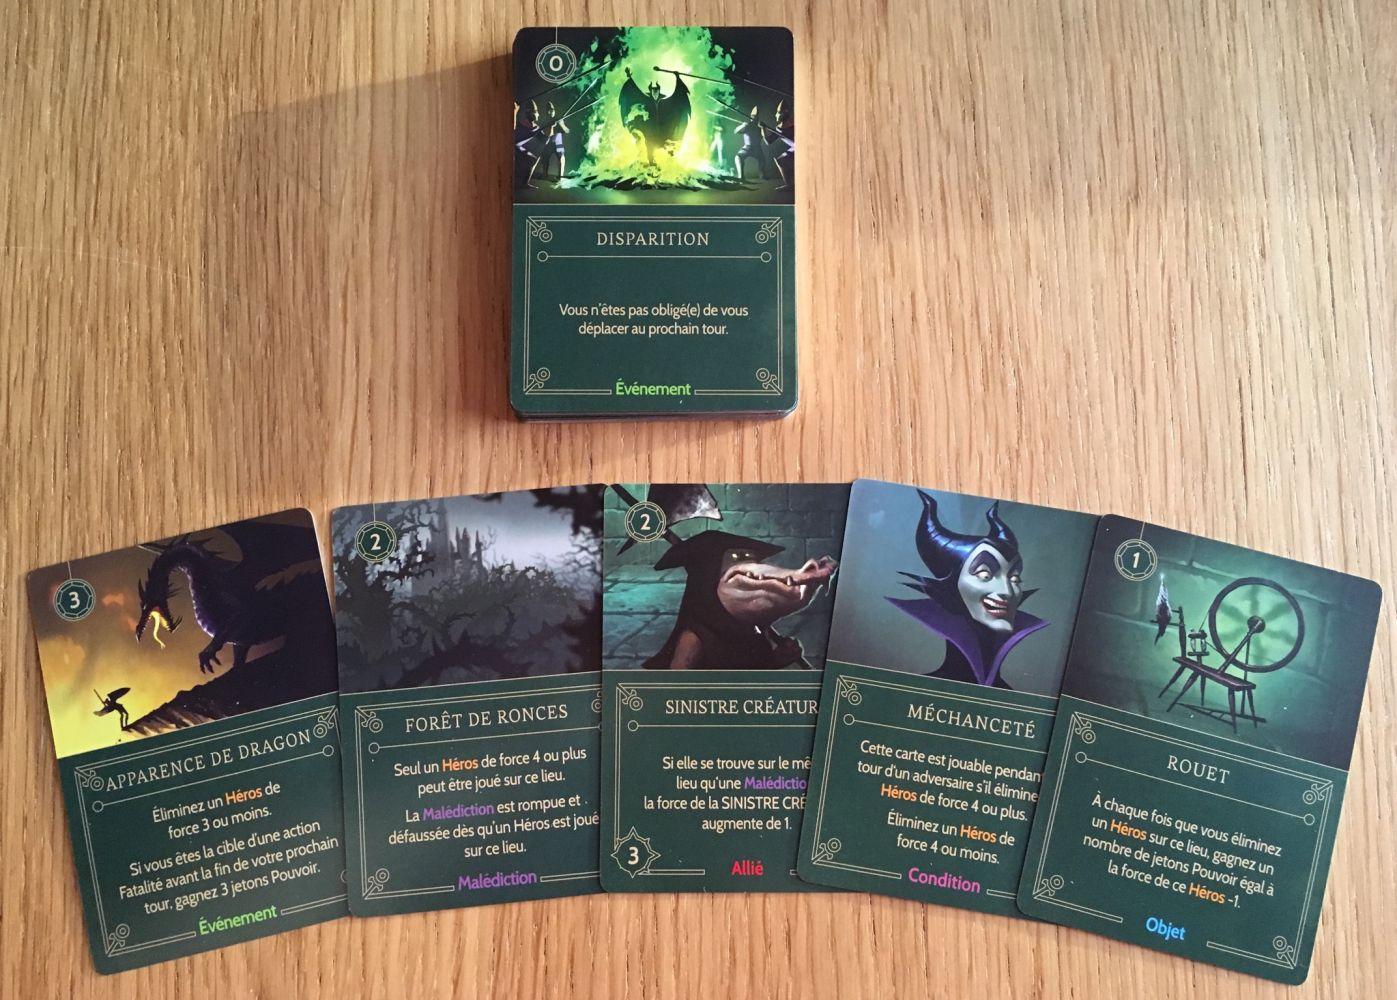 Les cartes Méchants de Maléfique